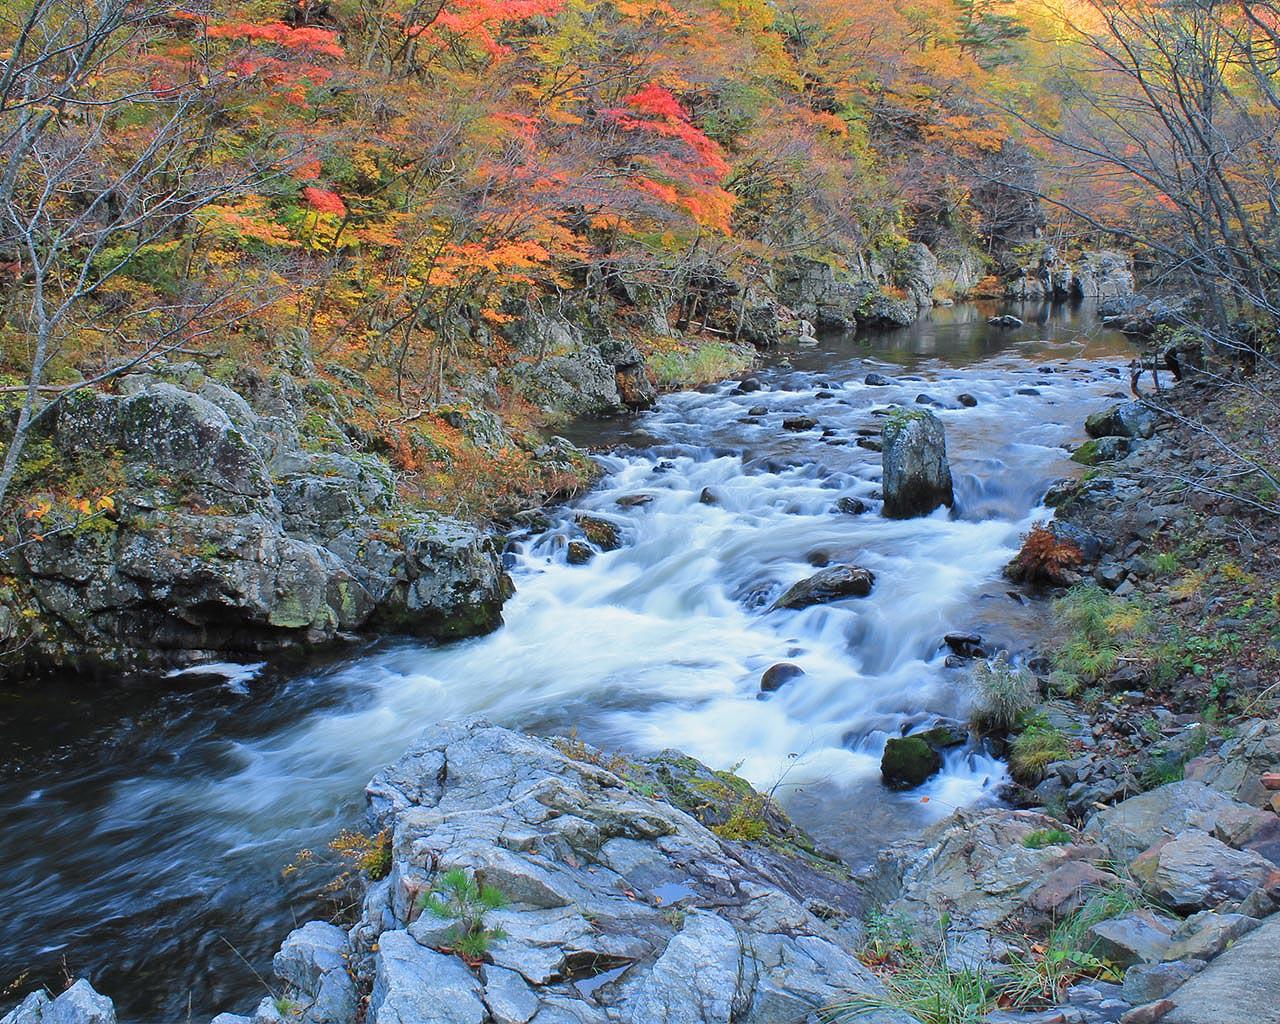 秋の安家渓谷(岩手県野田村)